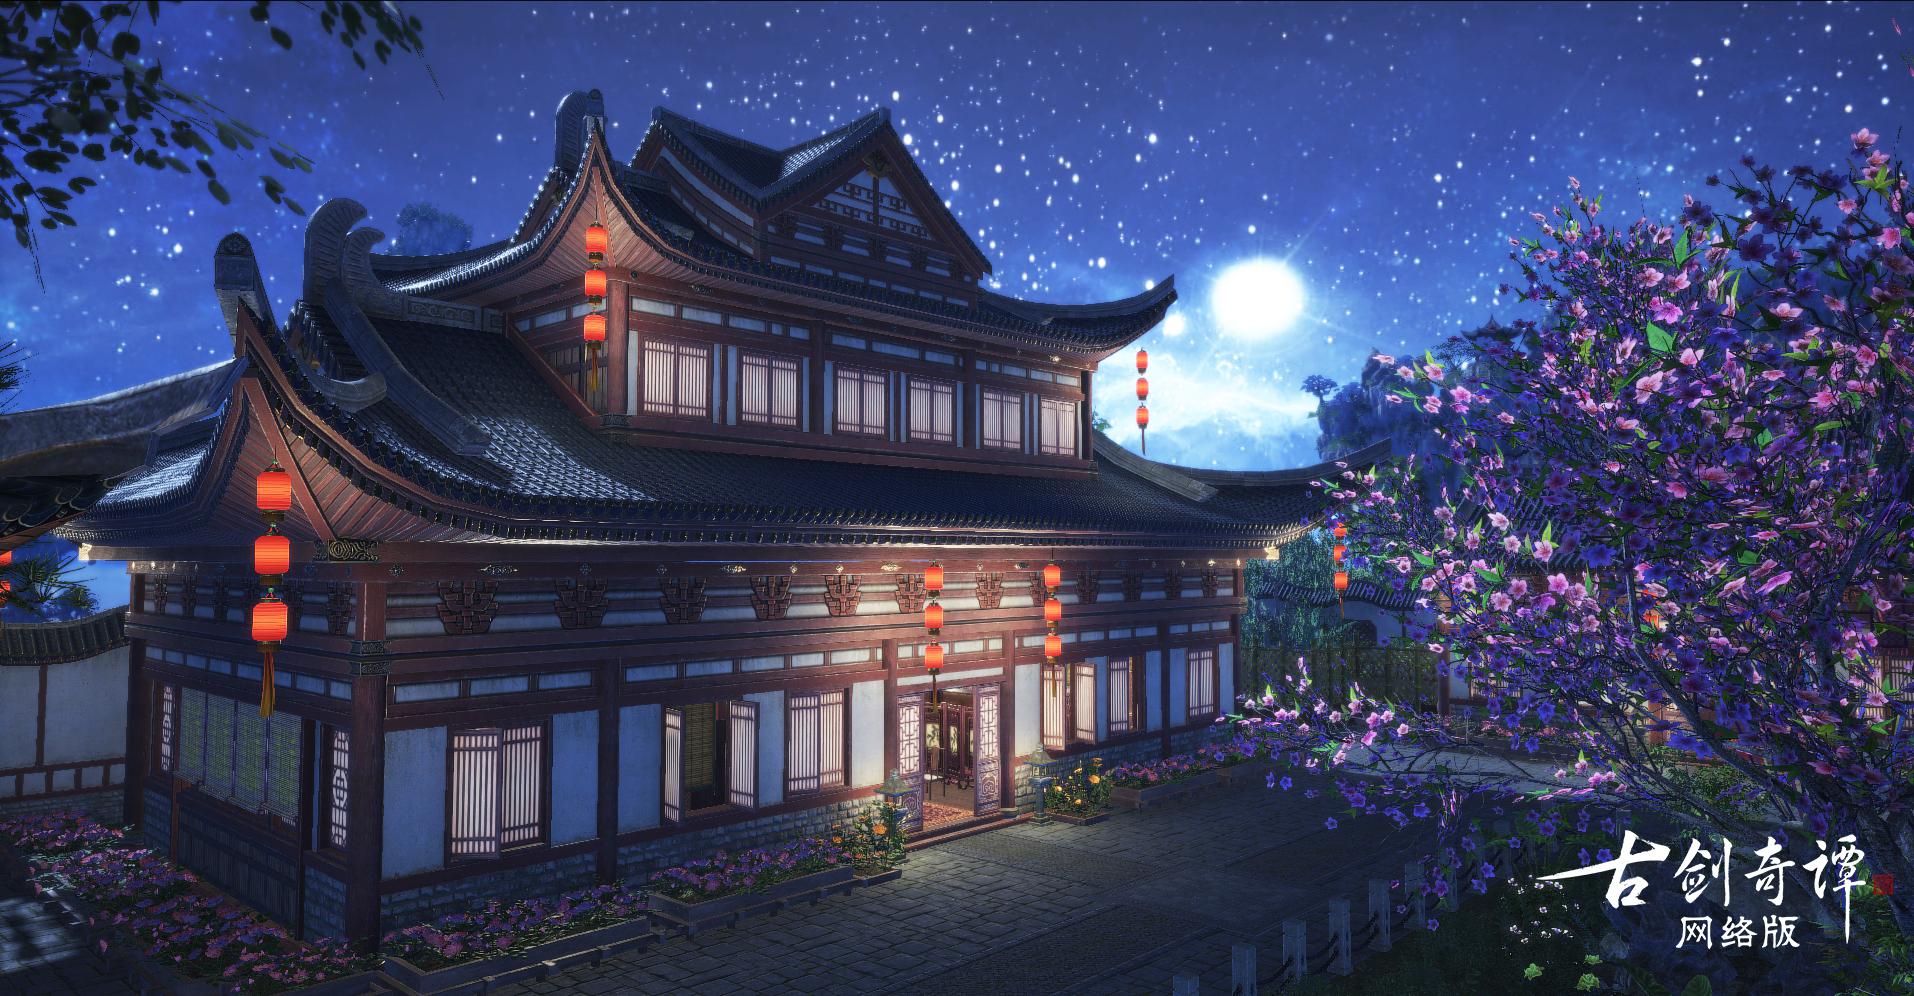 图002仙府夜景.jpg